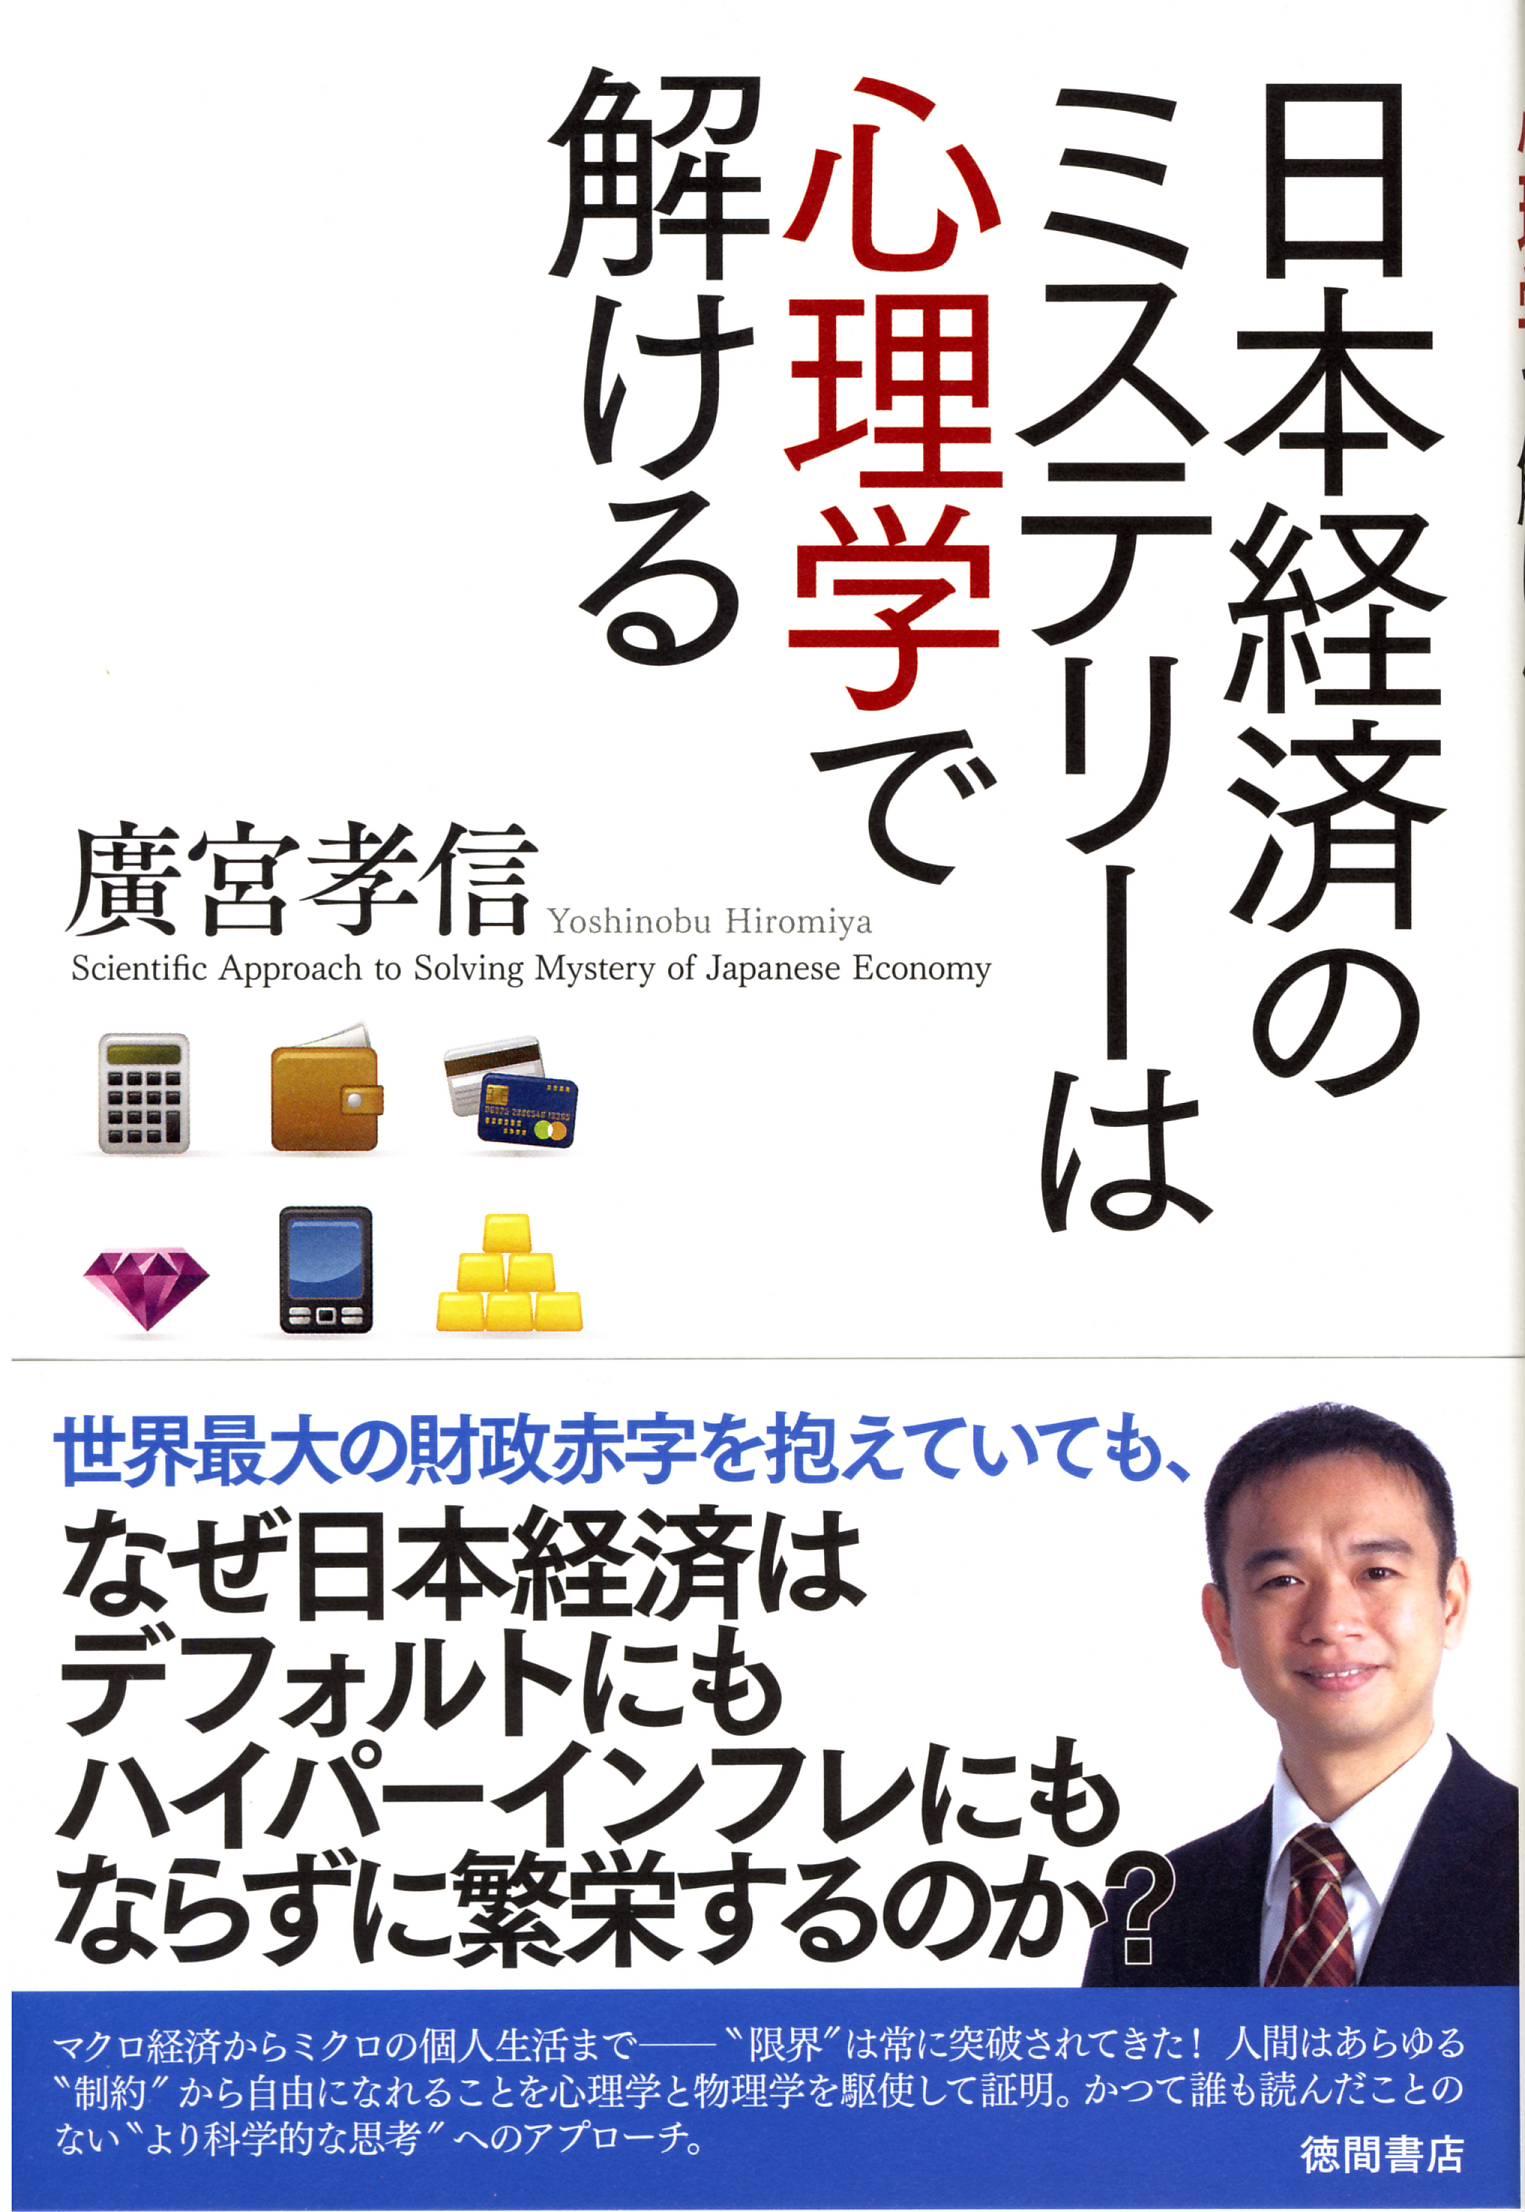 hyoshi1408130001.jpg